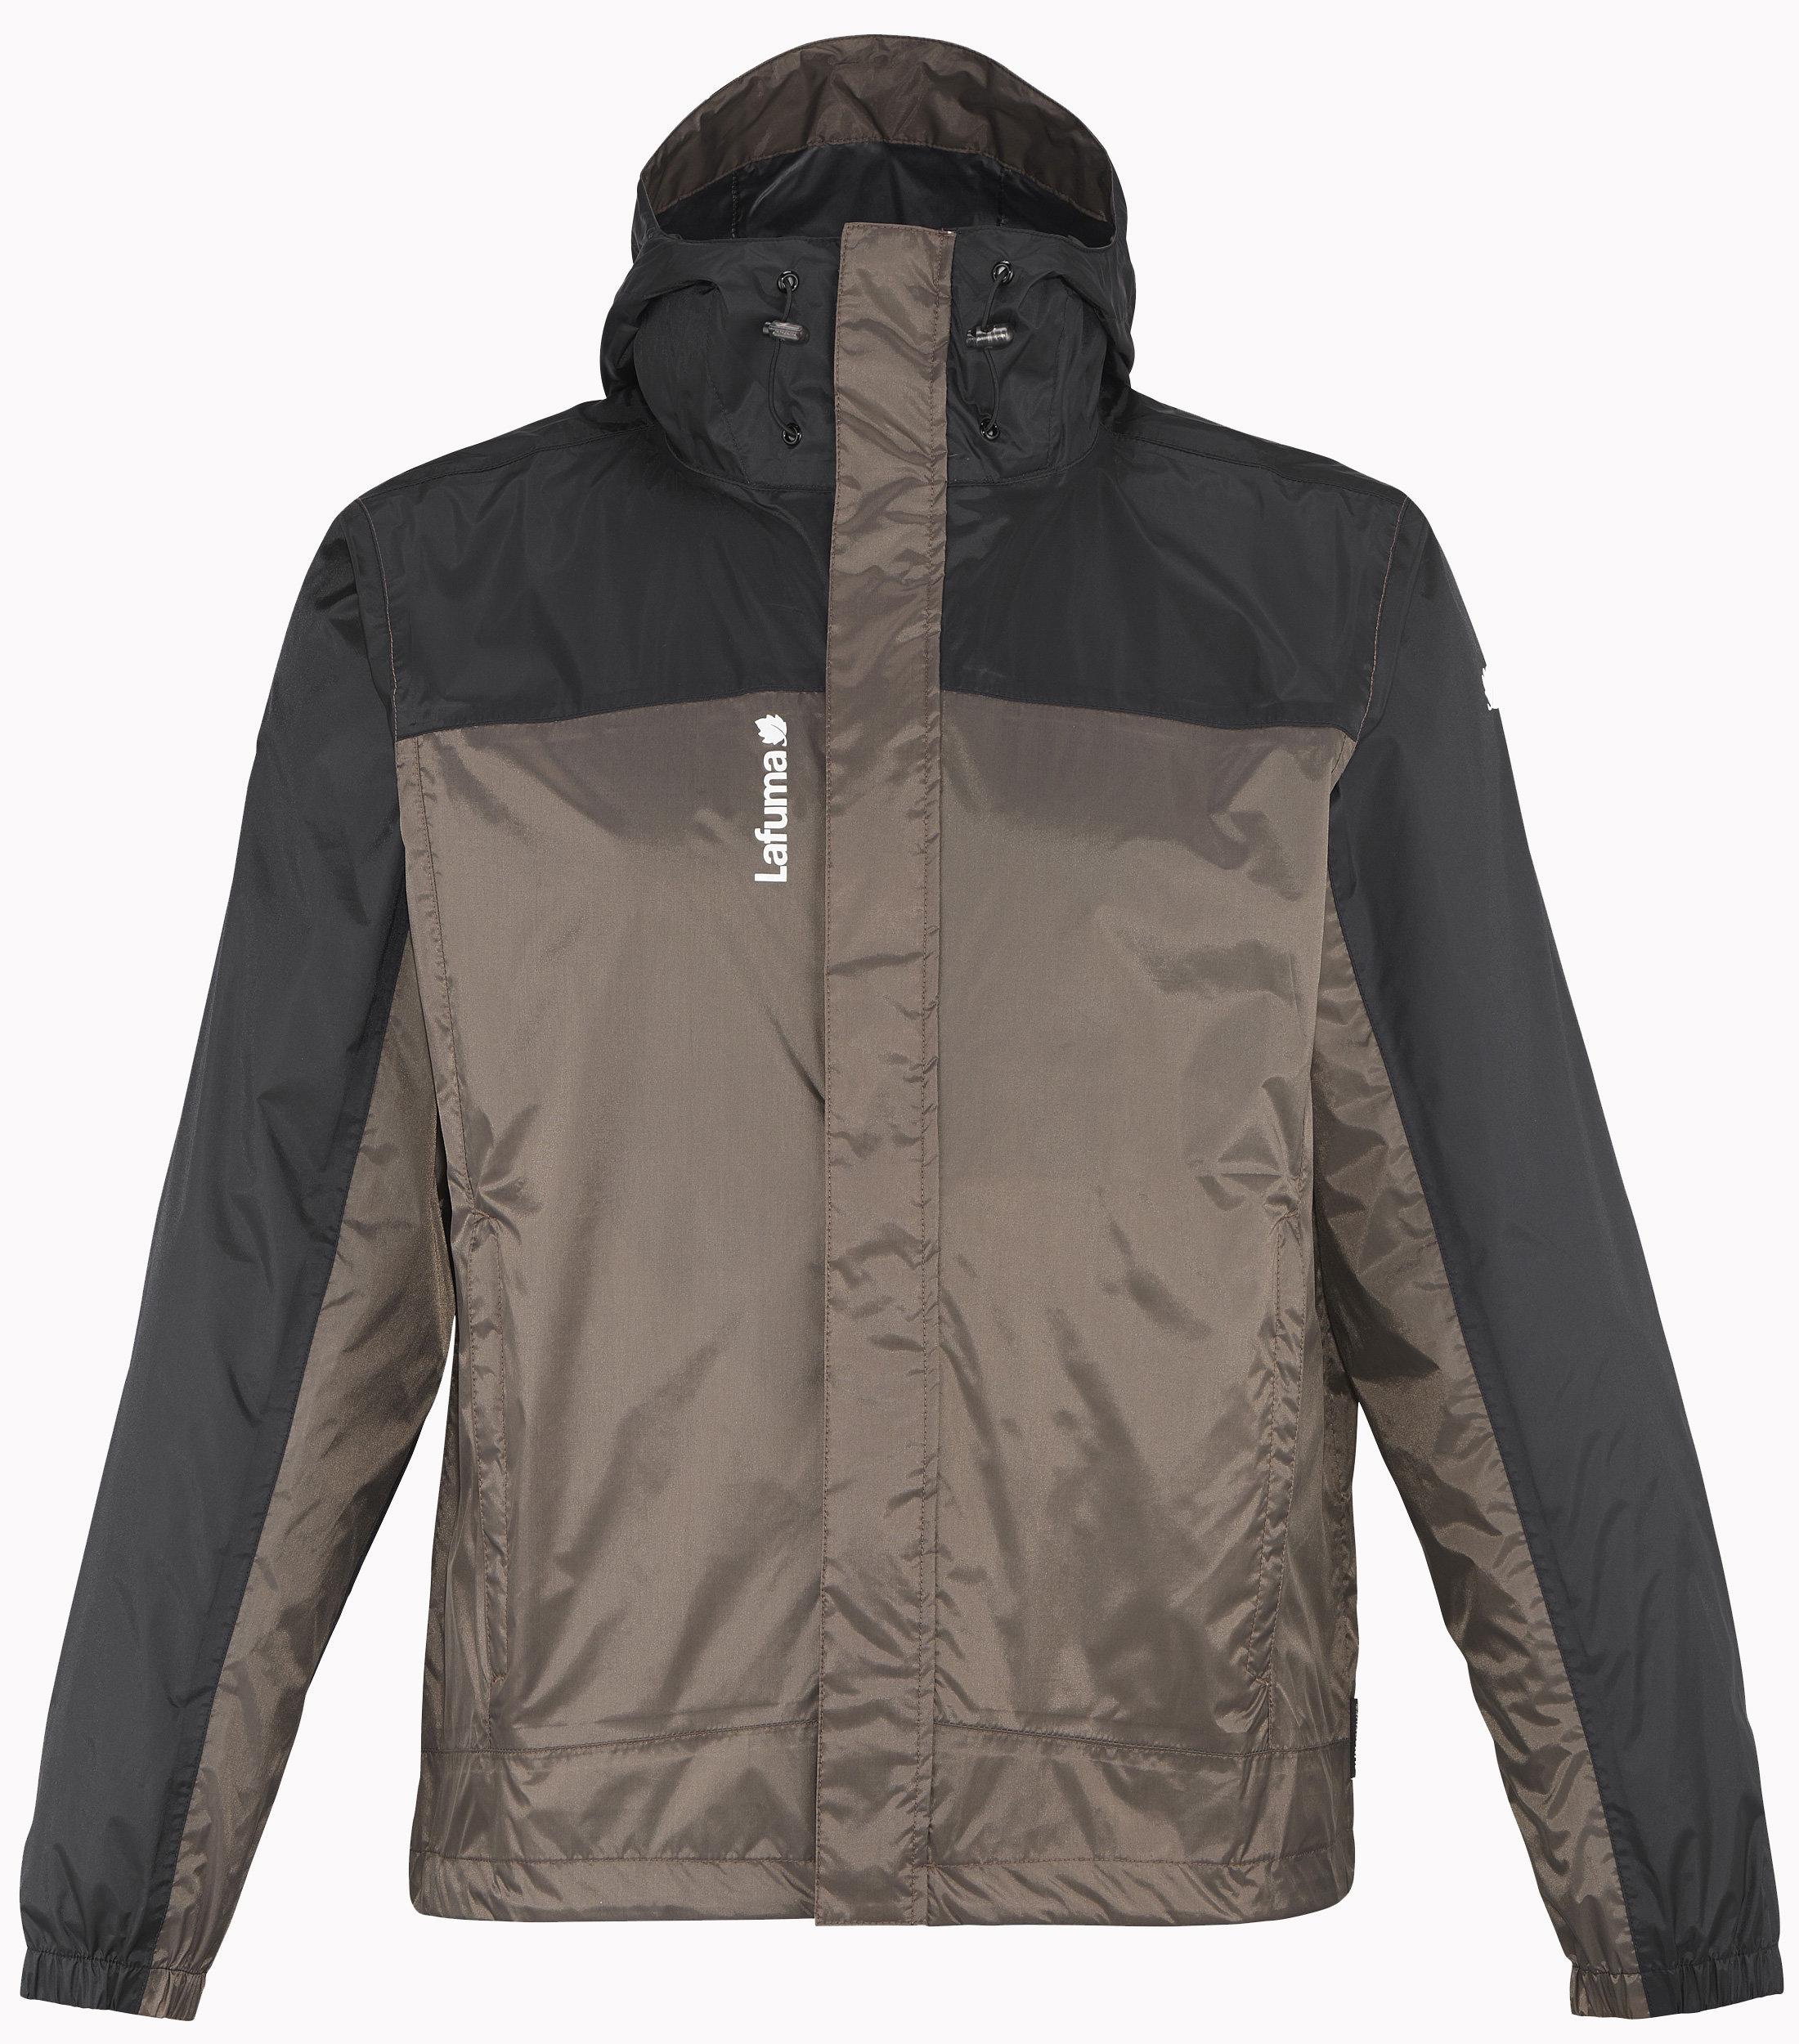 Куртка Для Активного Отдыха Lafuma 2016 Access Jkt Major Brown (Us:xxl)